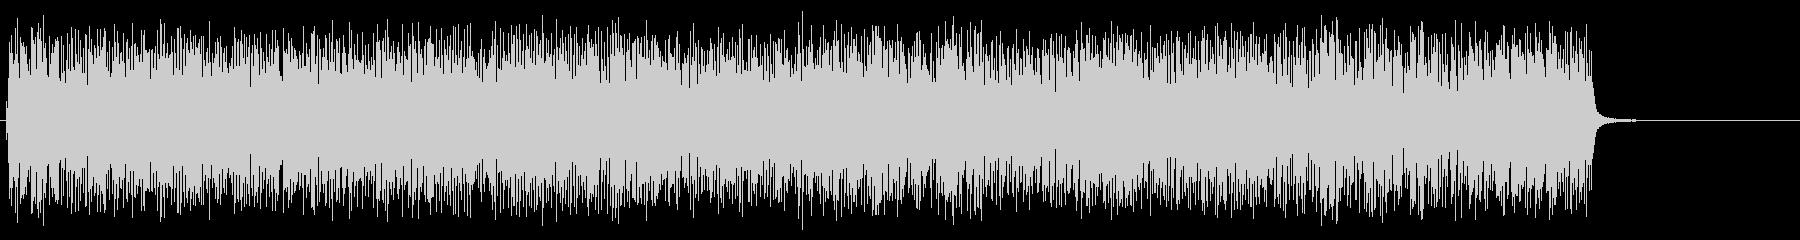 [生録音]ベルタイプの目覚まし時計01の未再生の波形